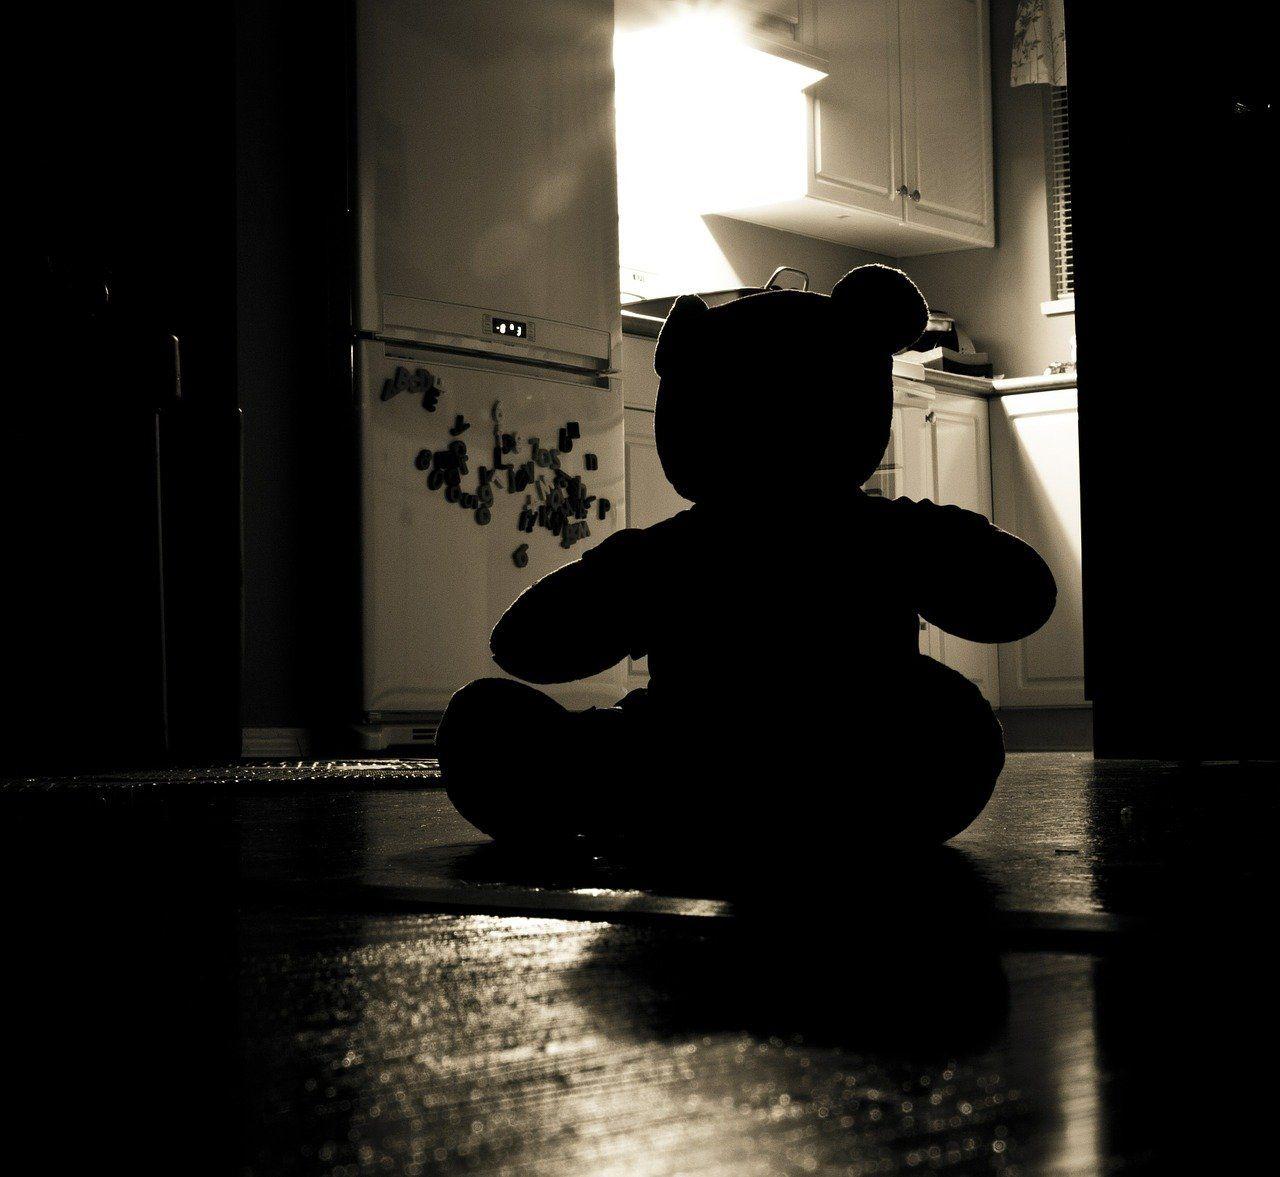 ReConstruir - Psicologia & Desenvolvimento Pessoal - Abuso Sexual e Pedofilia: Da Compreensão à Intervenção